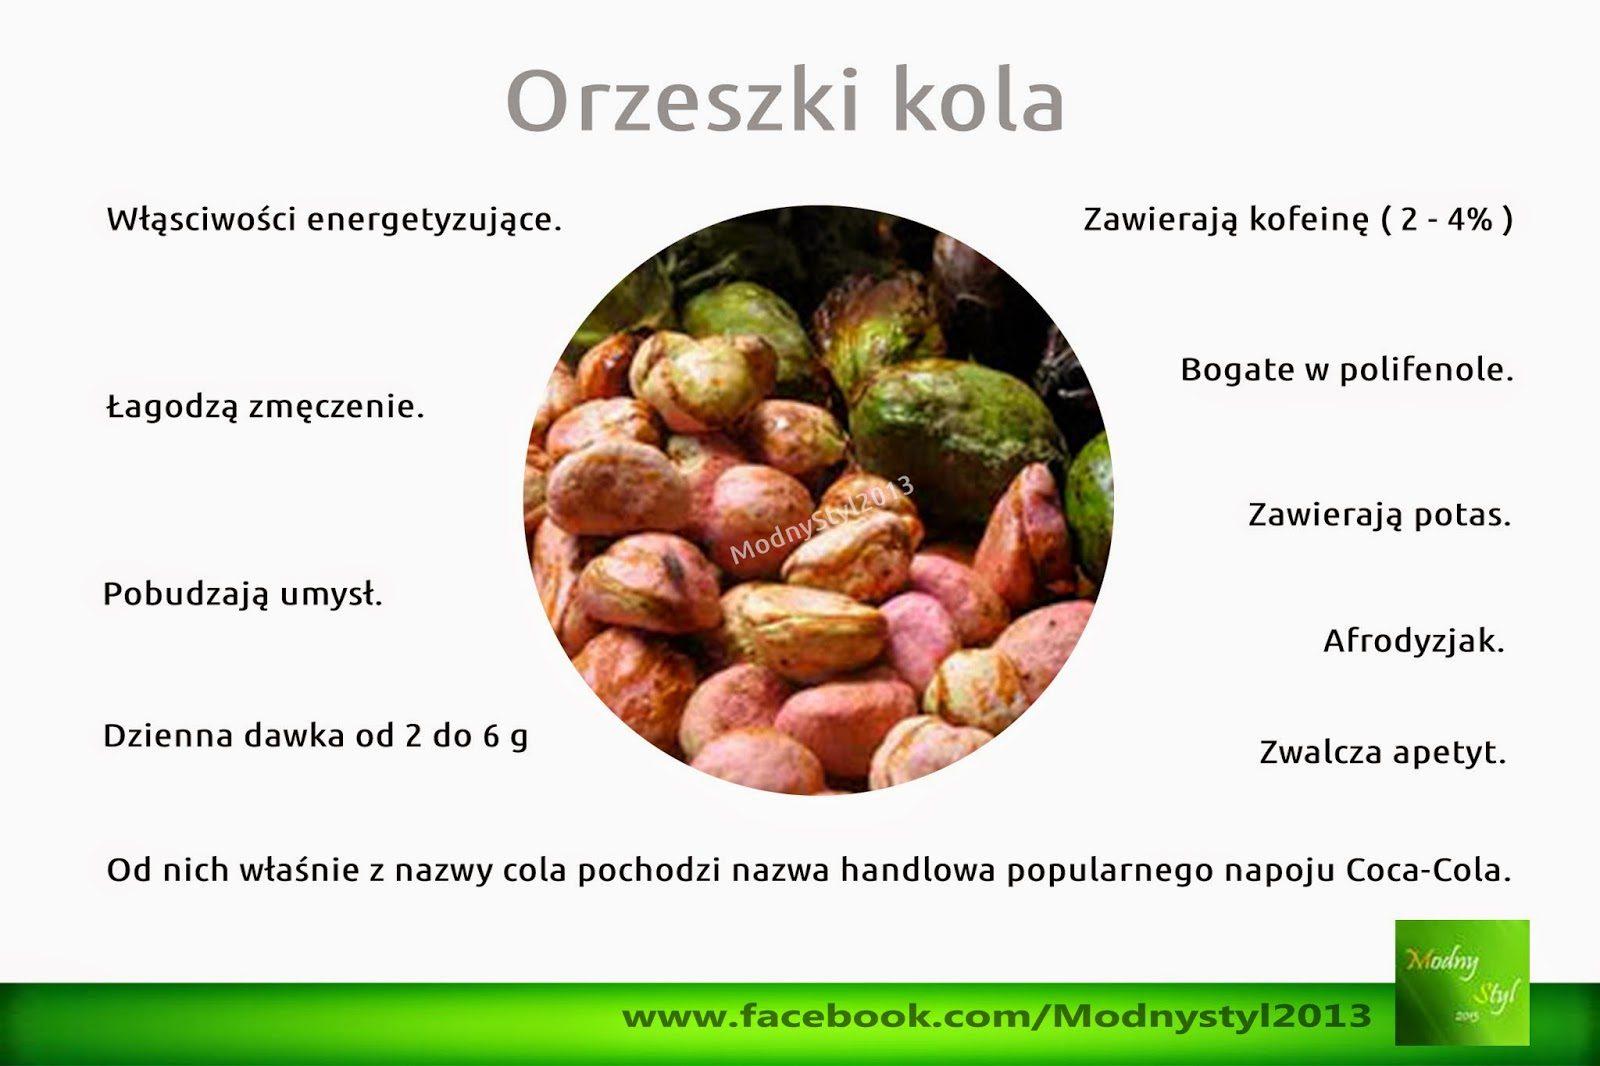 orzeszki2bkola-3493797